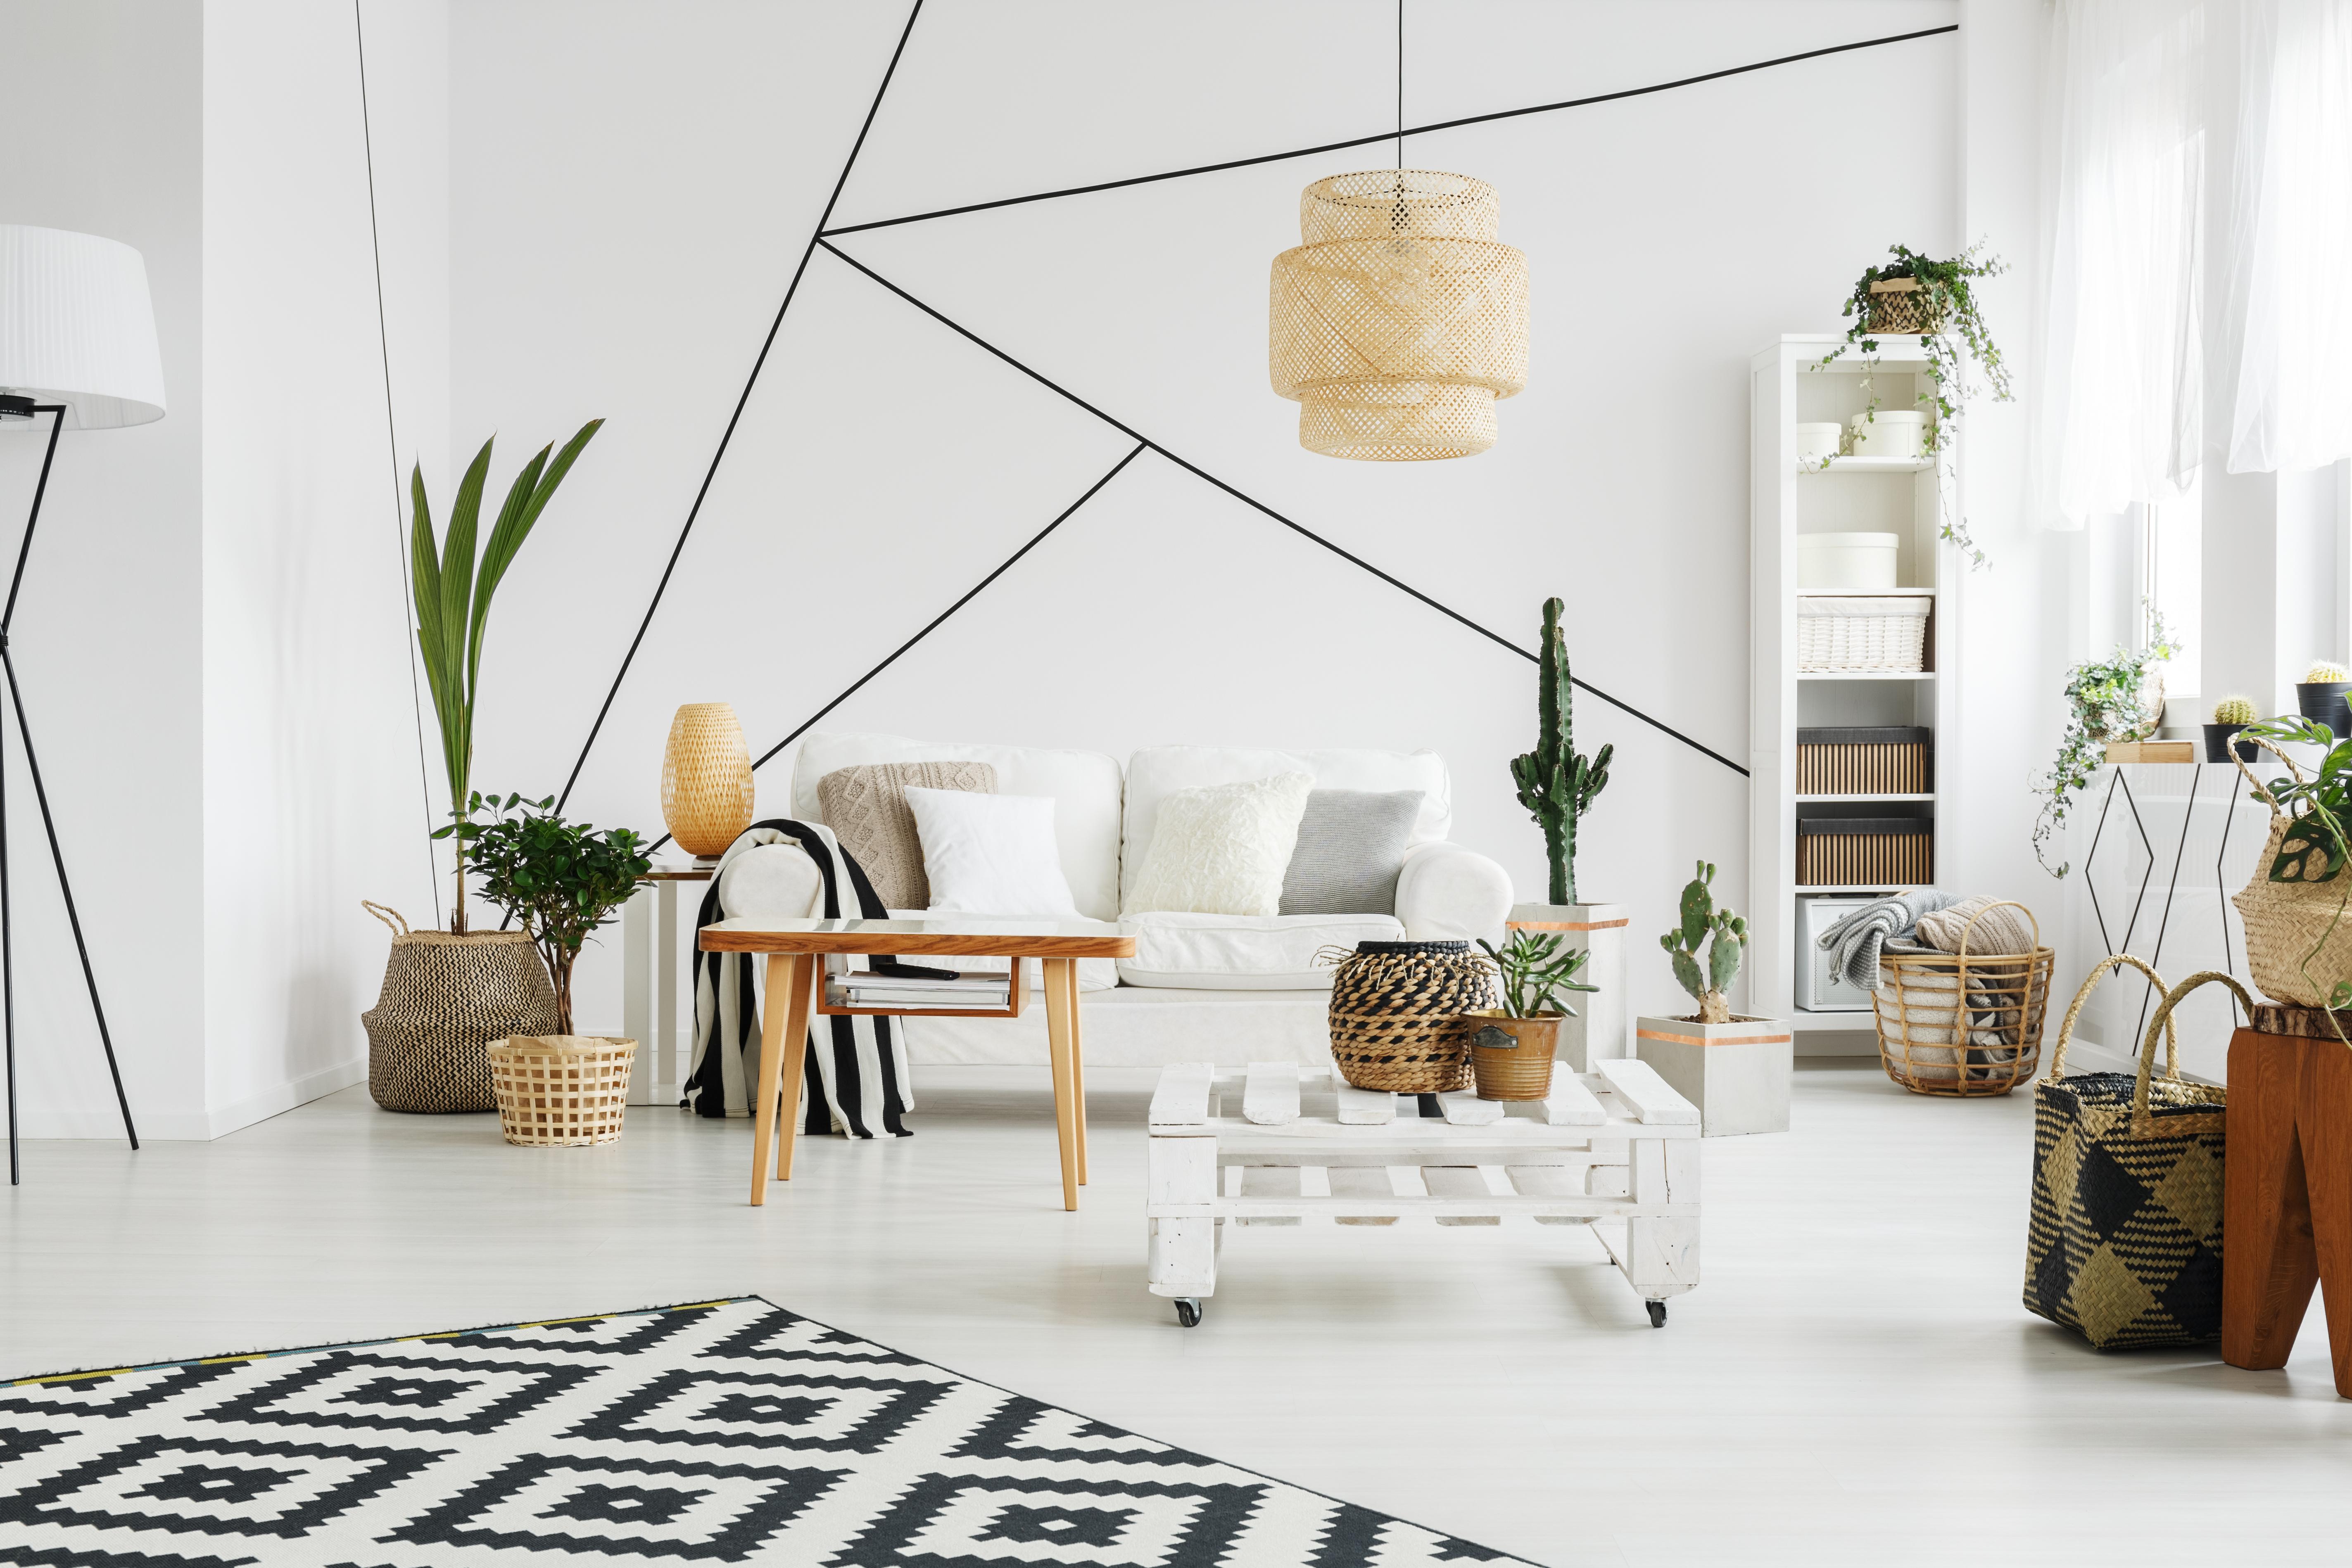 Peindre Triangle Sur Mur la décoration géométrique, la tendance de l'année : album